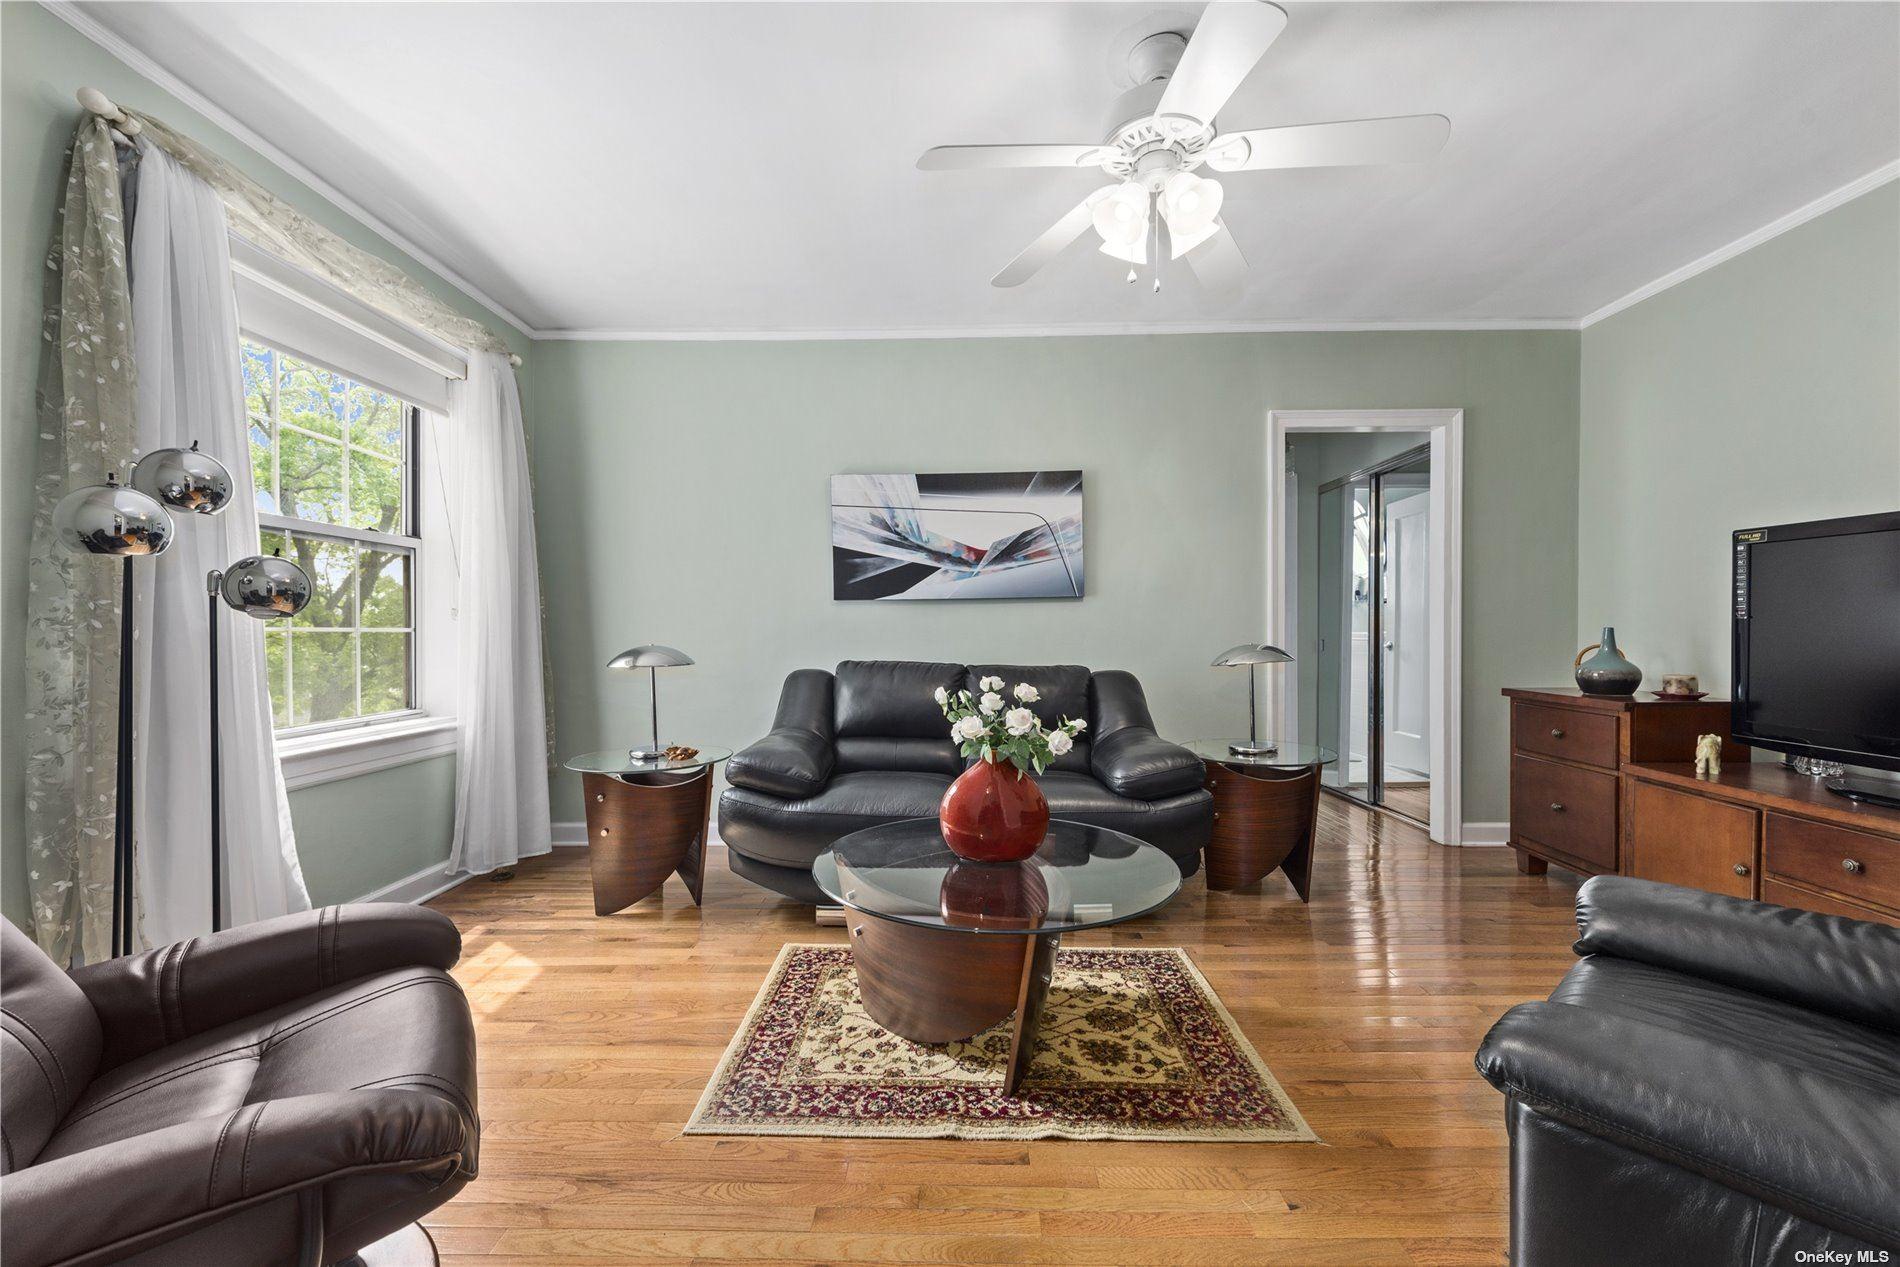 30-31 Hobart Street #F4L, Woodside, NY 11377 - MLS#: 3315387